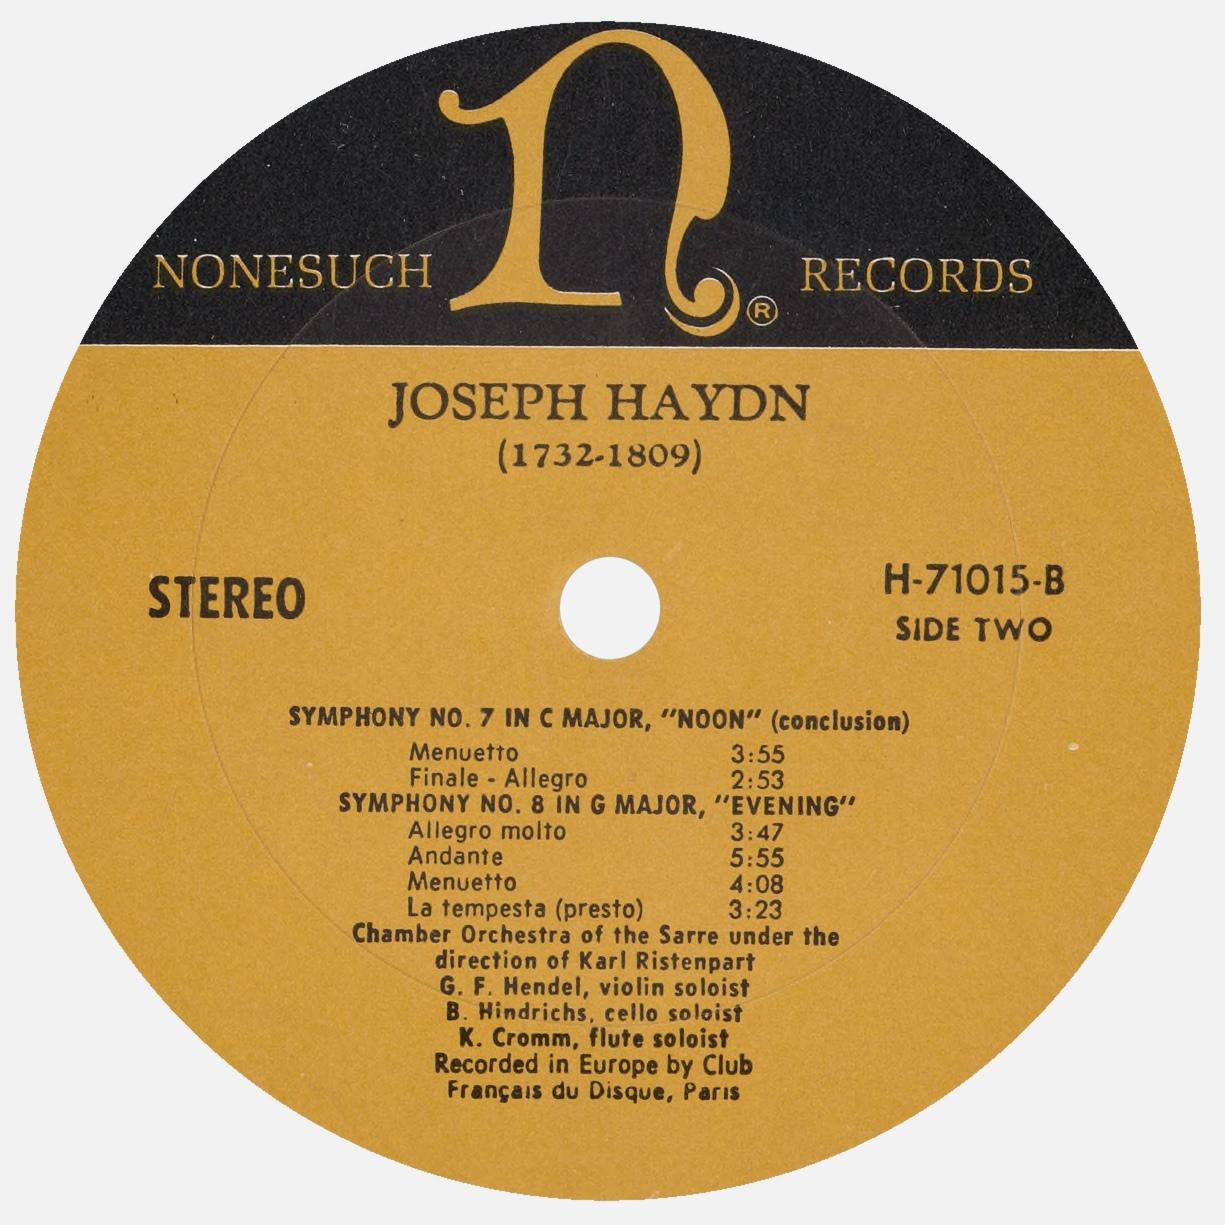 Étiquette verso du disque Nonesuch H 71015